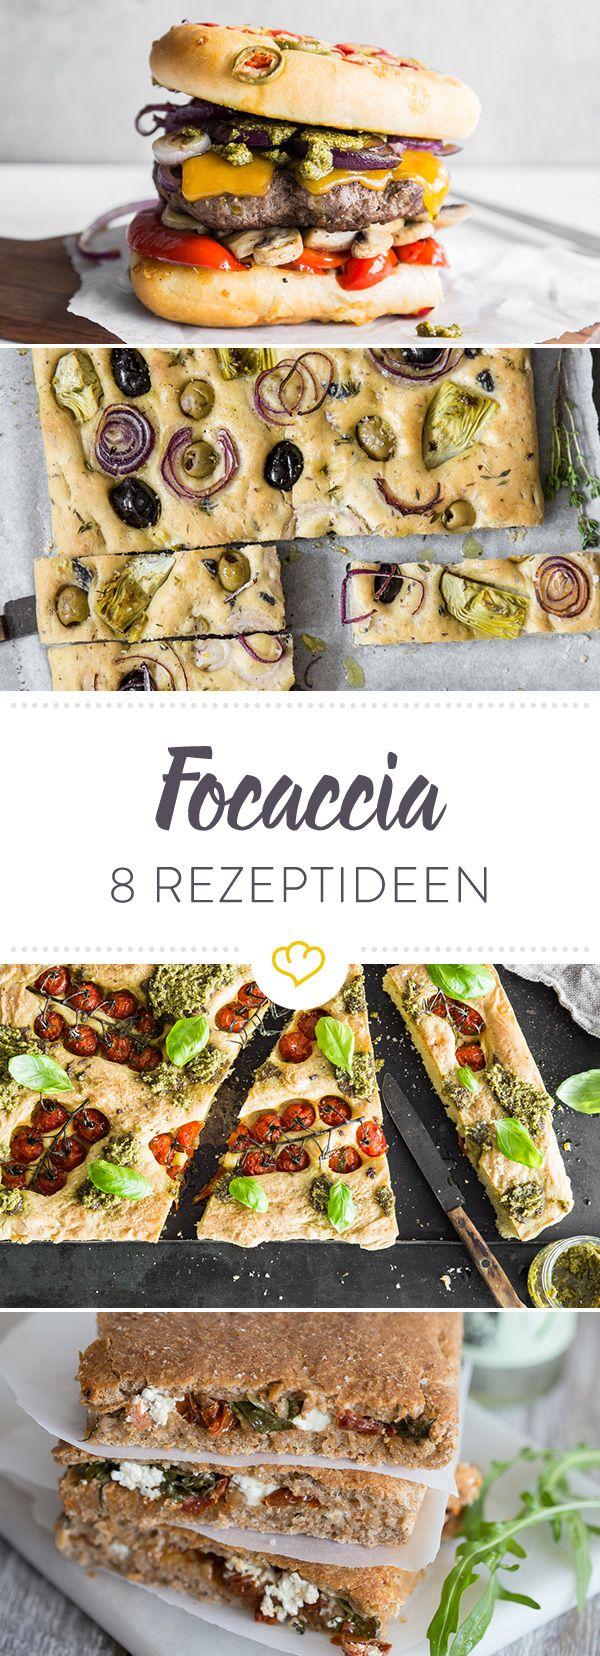 Focaccia: Entdecke hier 8 köstliche Varianten des leckeren Fladenbrots aus Italien und erfahre, warum es das wohl entspannteste Fladenbrot der Welt ist.